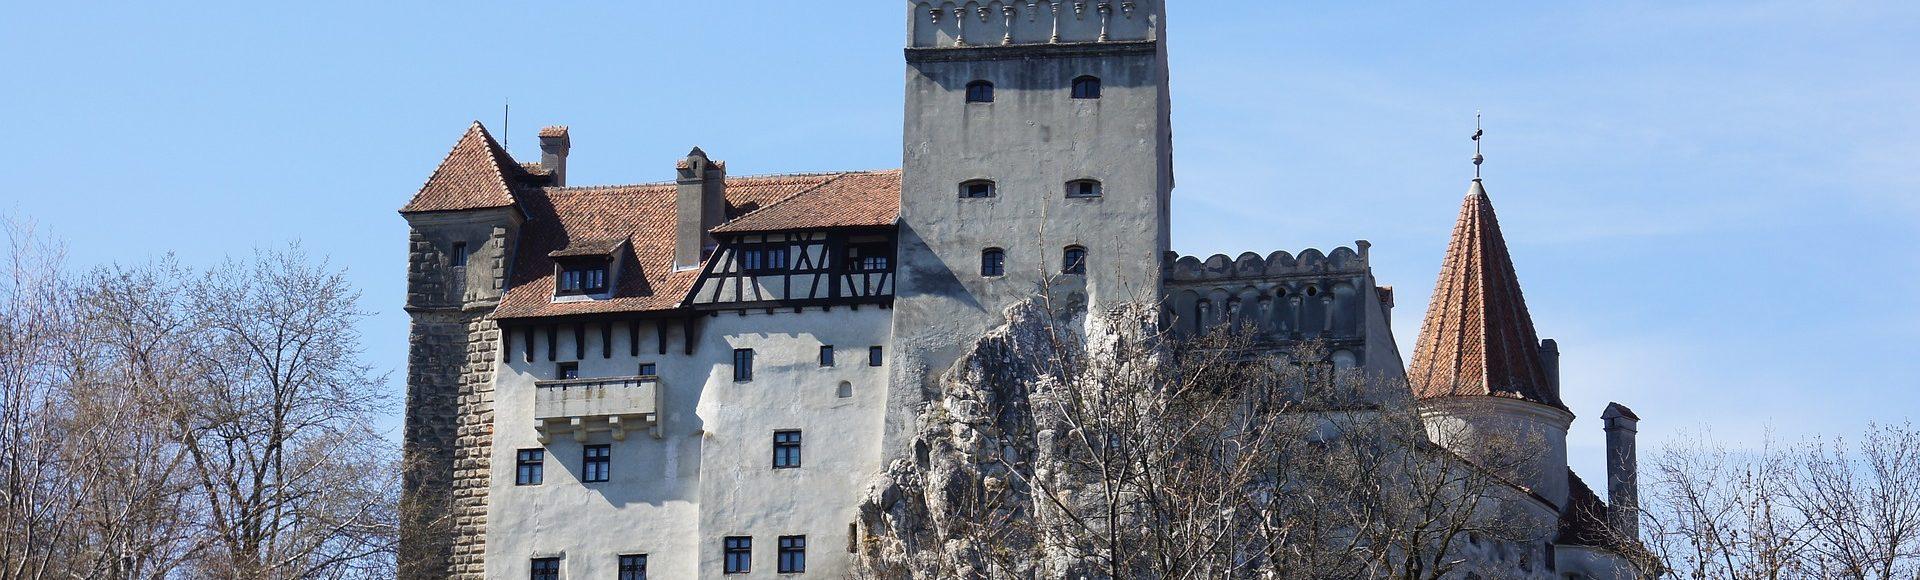 Que ver en Transilvania: 4 ciudades imprescindibles en la tierra del Cónde Drácula